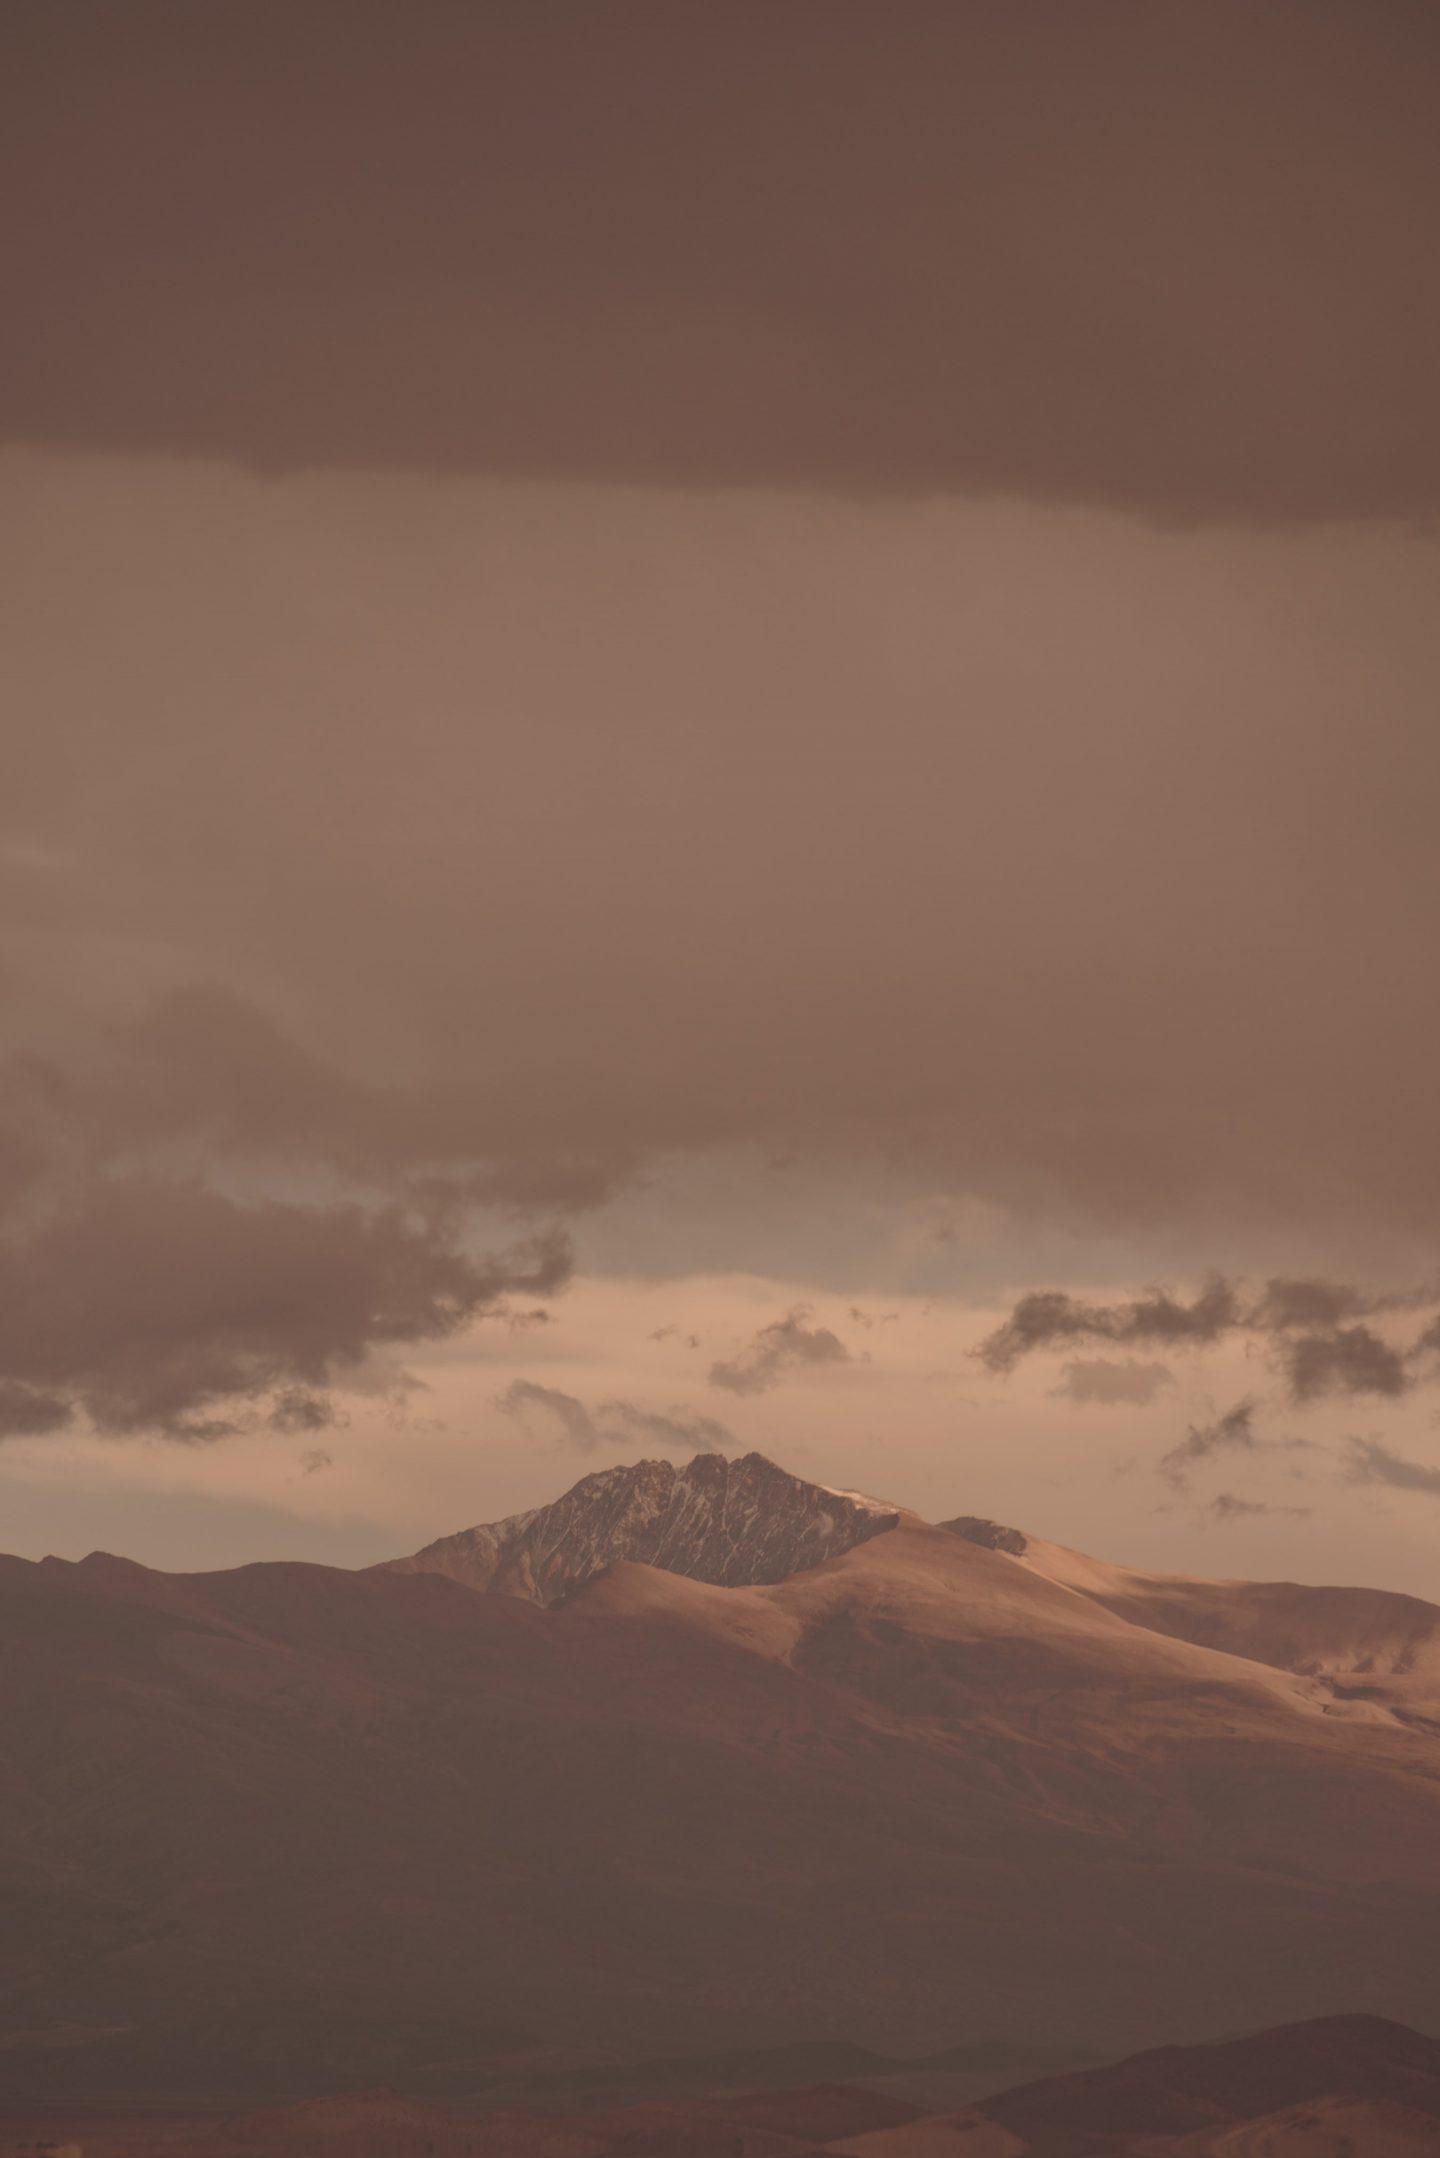 IGNANT-Photography-Landscape-HoracioReyePaez-4